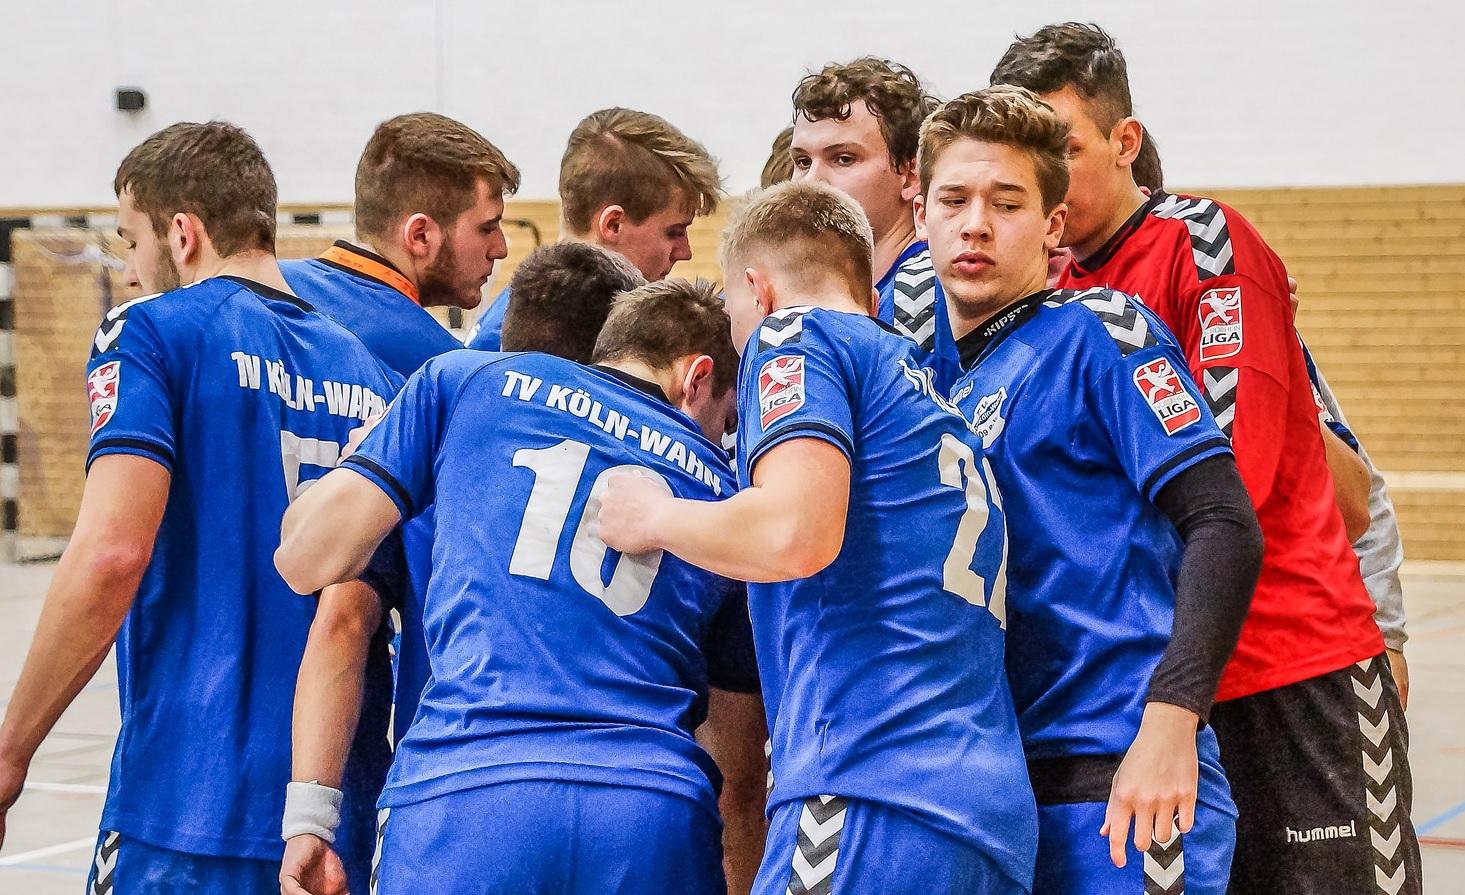 A-Jugend: Playoff-Halbfinale gegen Rheinbach am 25. Februar